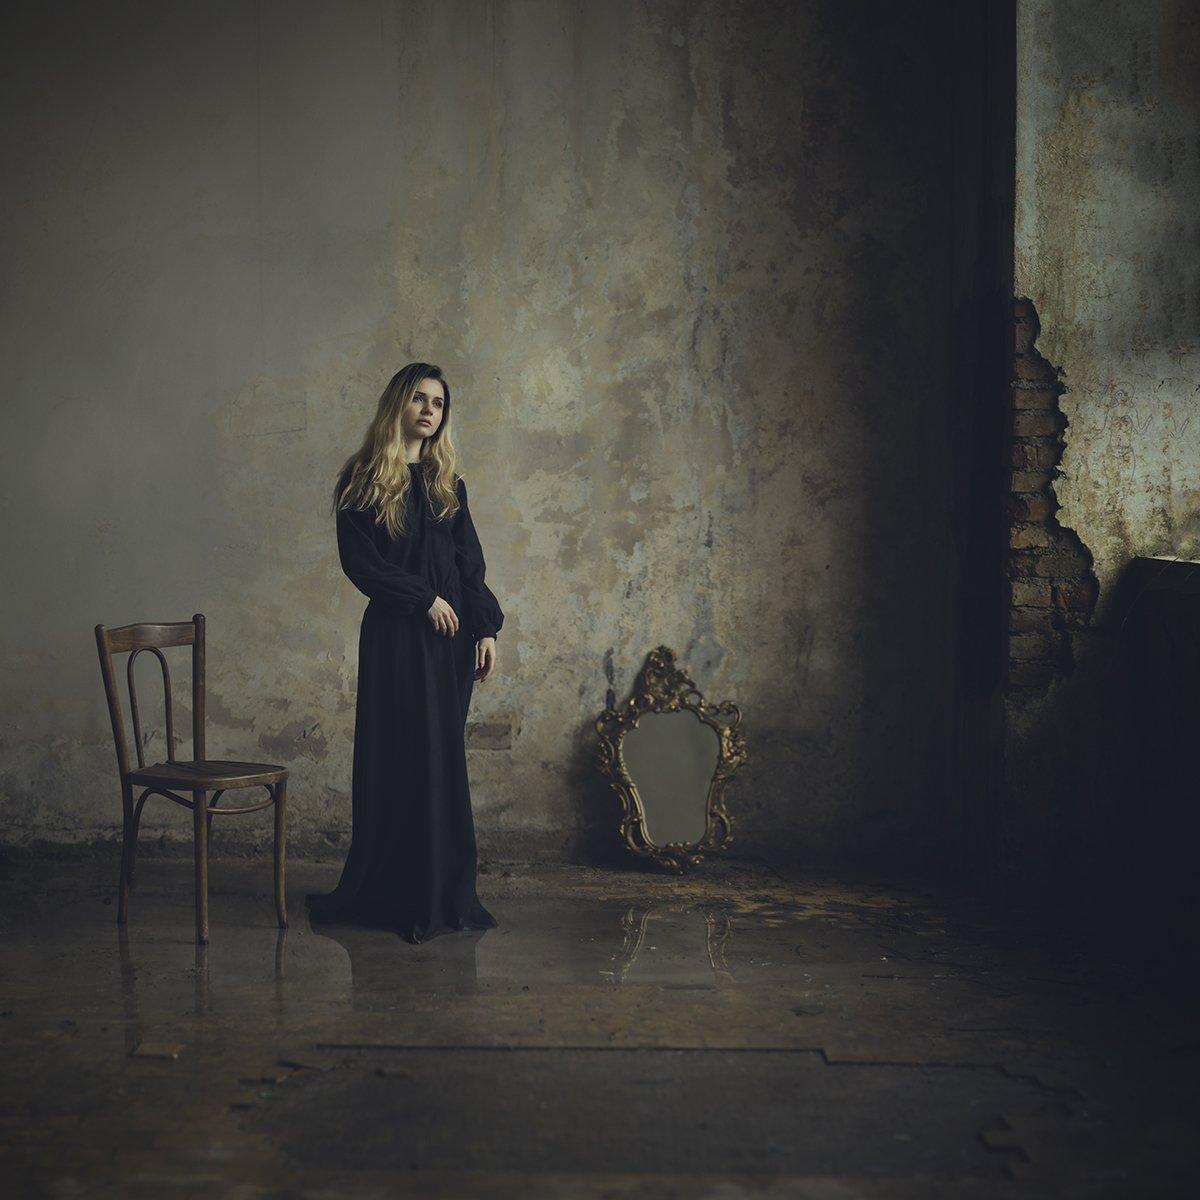 токио идеи для мрачных фотосессий портрет